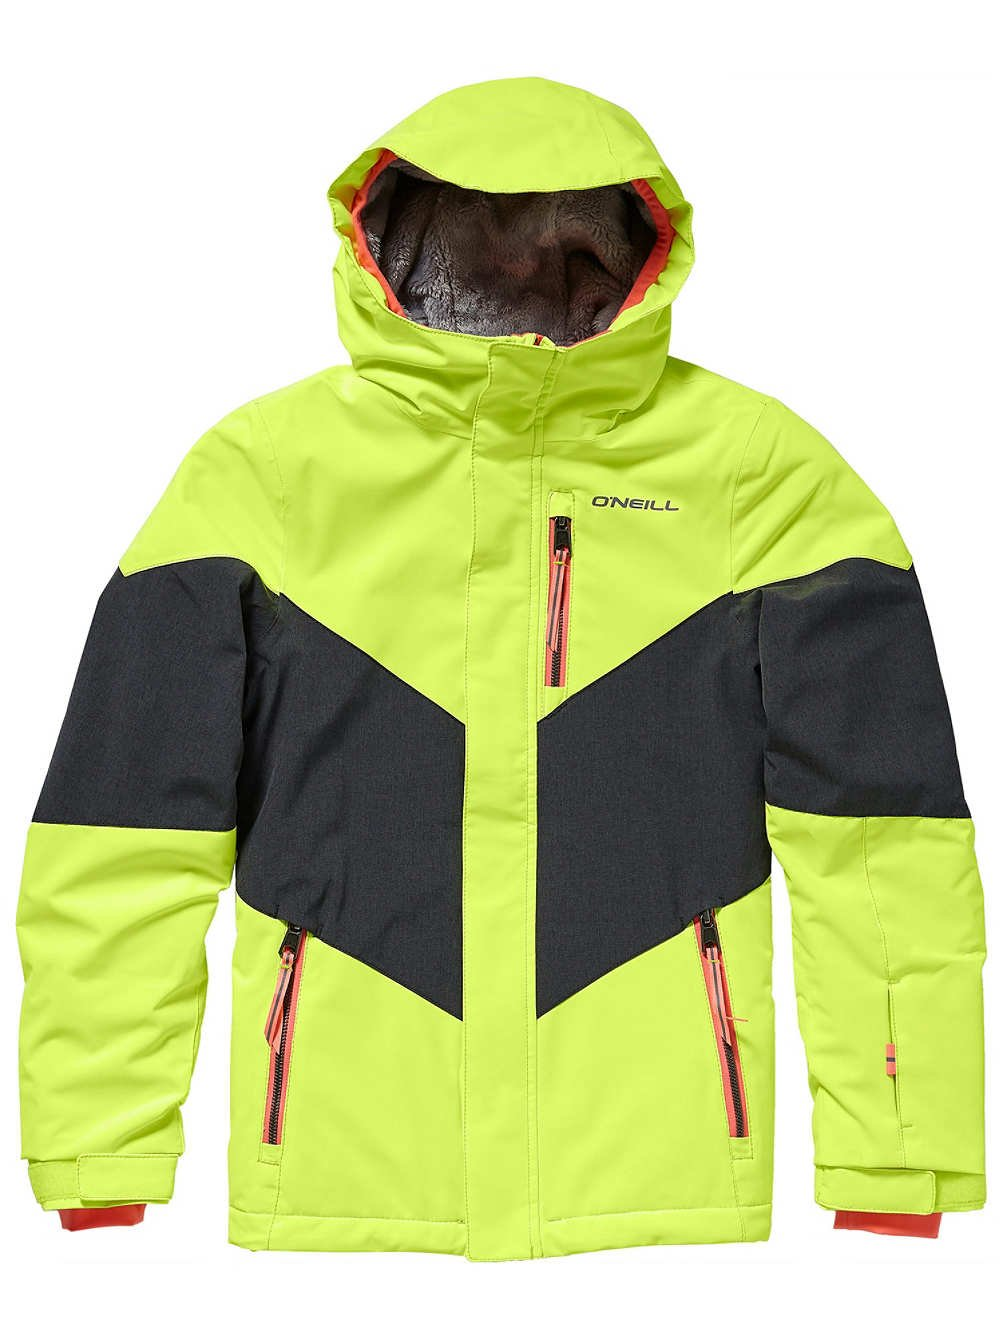 ONeill Coral Jacket Girls - Chaqueta de Snowboard para niña ...